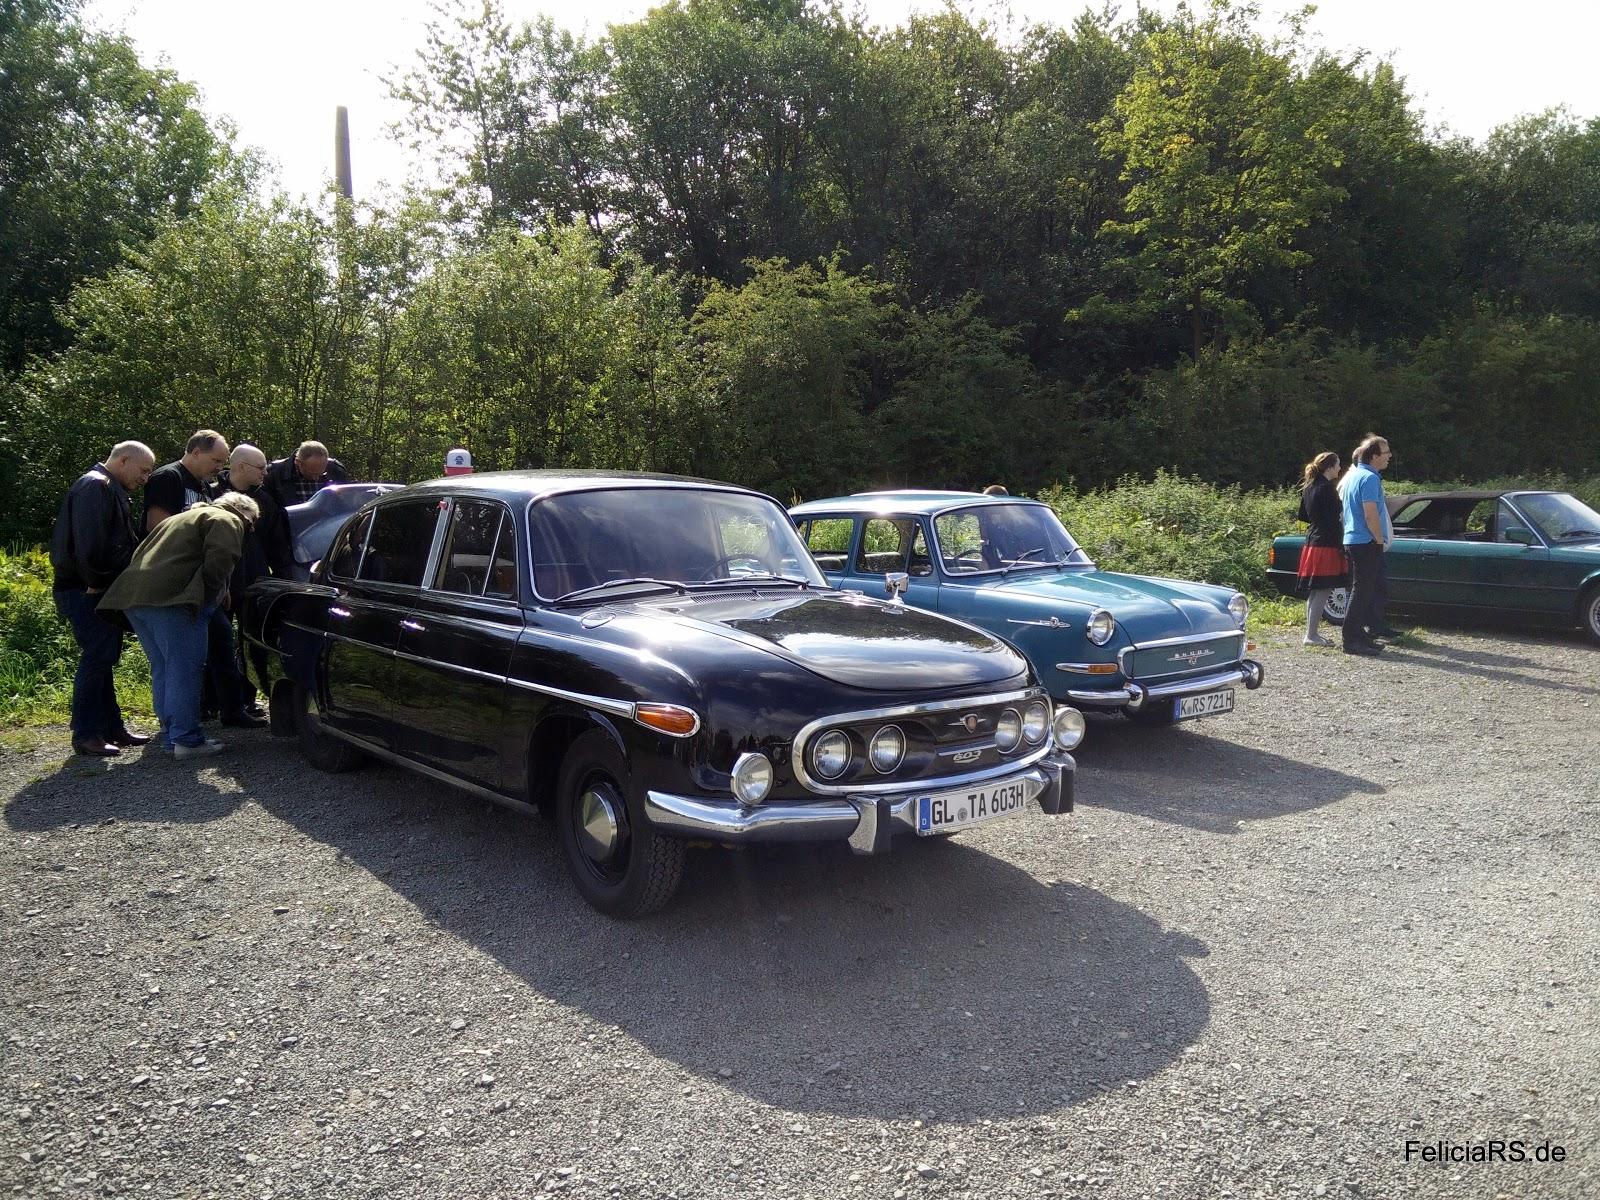 Tatra 603 1963 und Skoda 1000MB 1967 auf einem Bild.